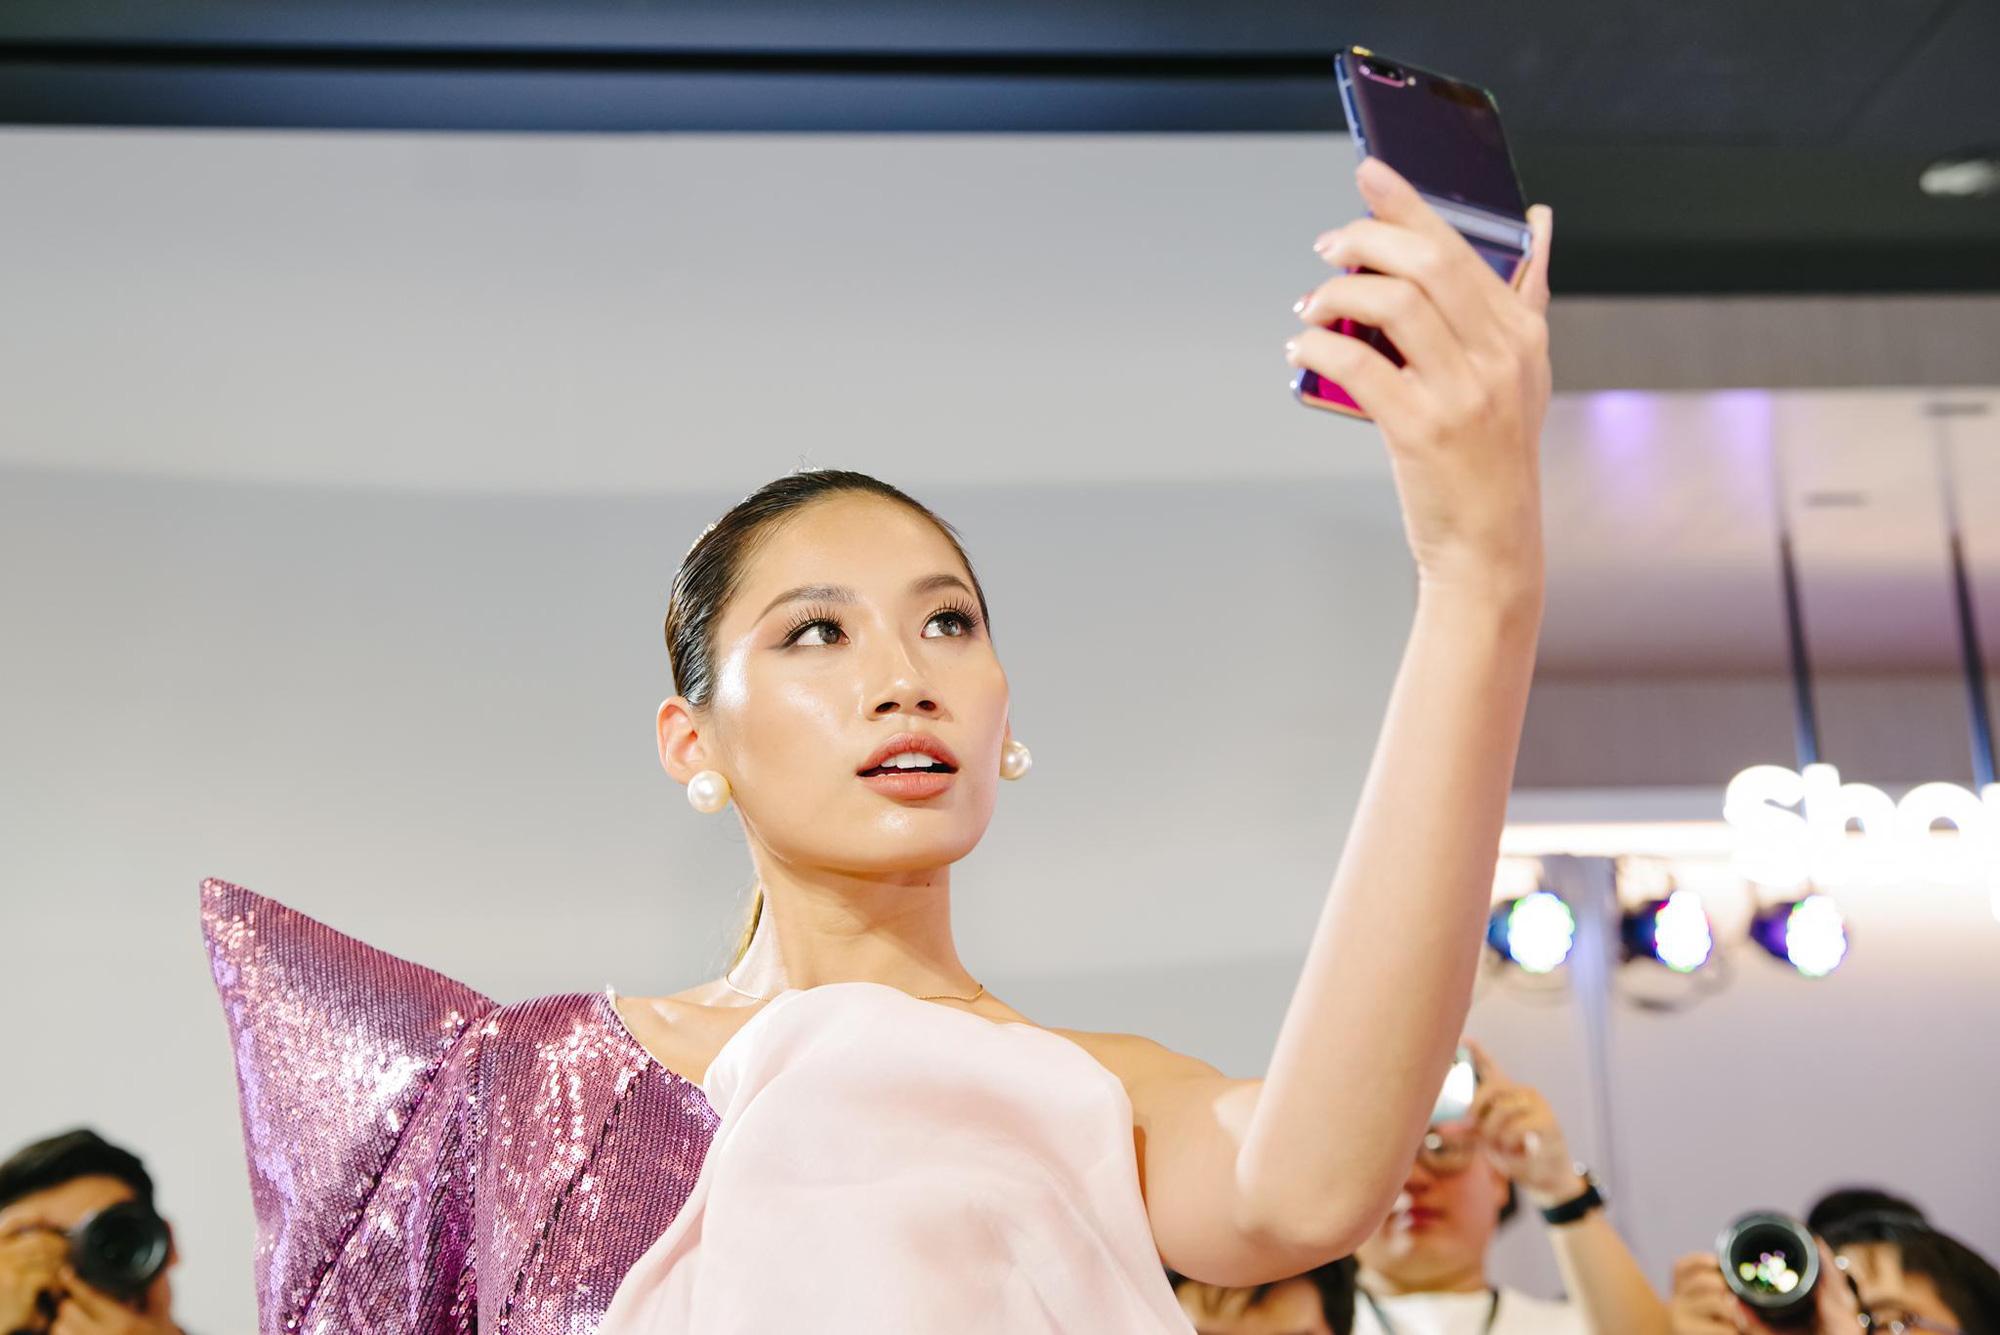 Galaxy Z Flip ra mắt chính thức tại Việt Nam, mở đầu xu hướng thời trang công nghệ mới - Ảnh 5.